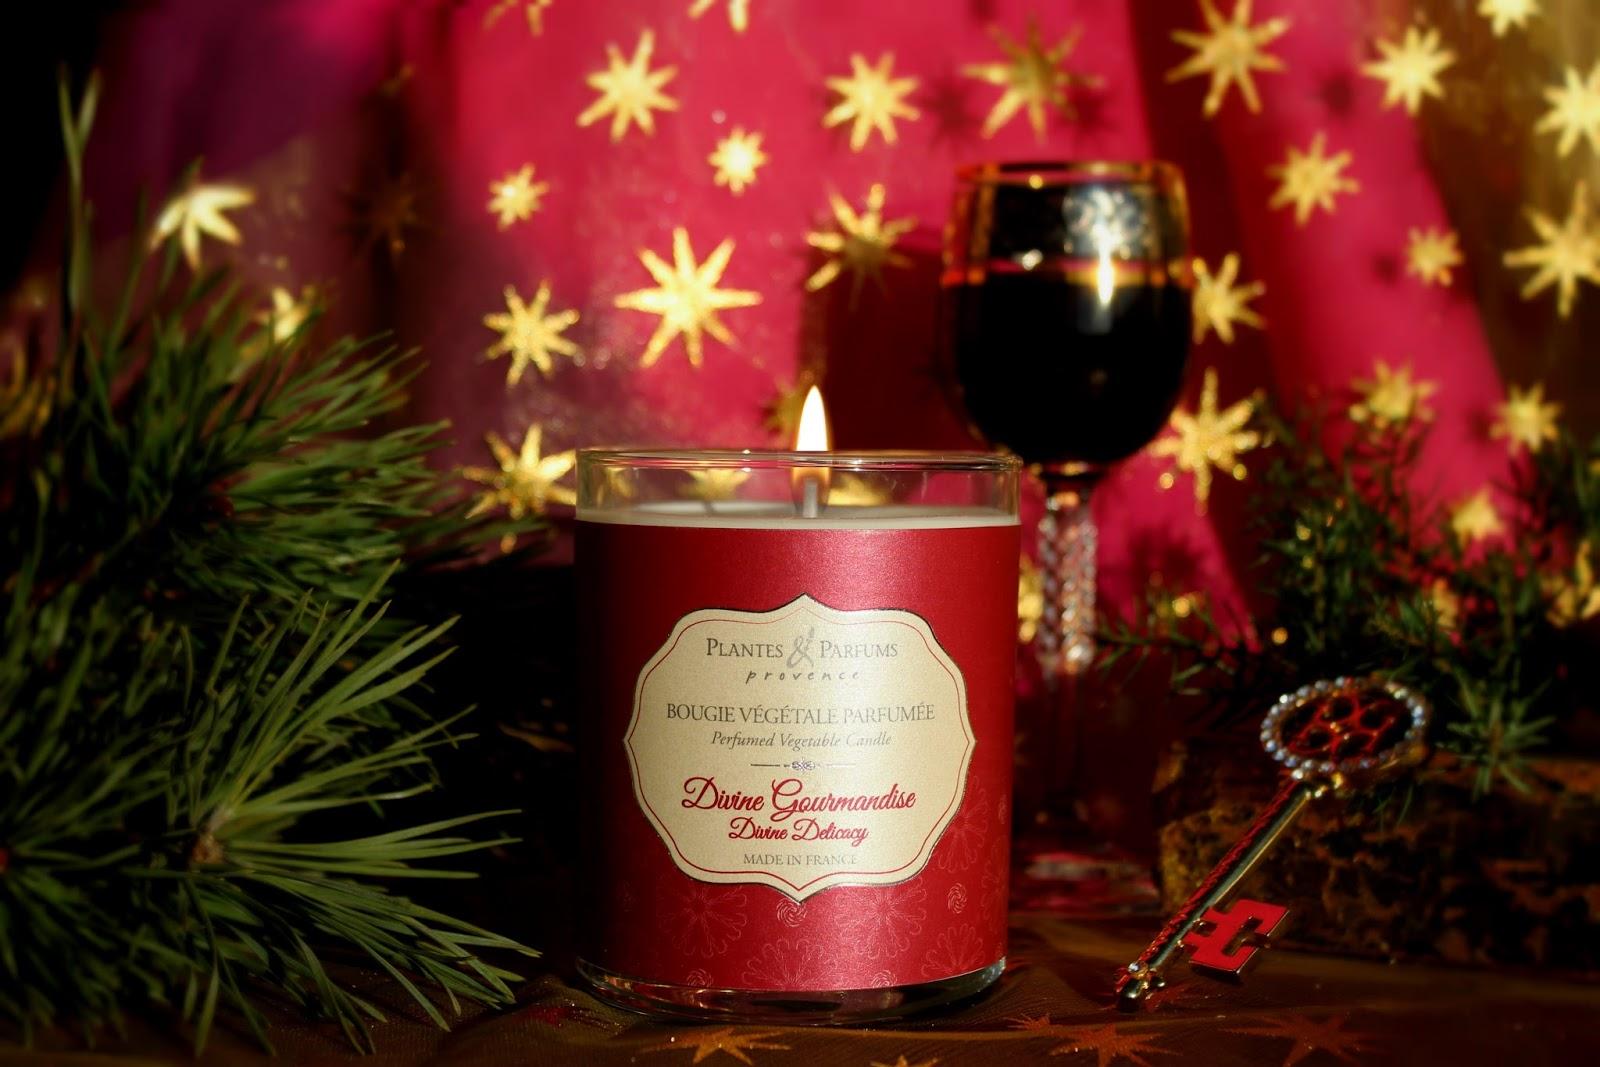 plantes et parfums de provence divine gourmandise perfumed candle. Black Bedroom Furniture Sets. Home Design Ideas